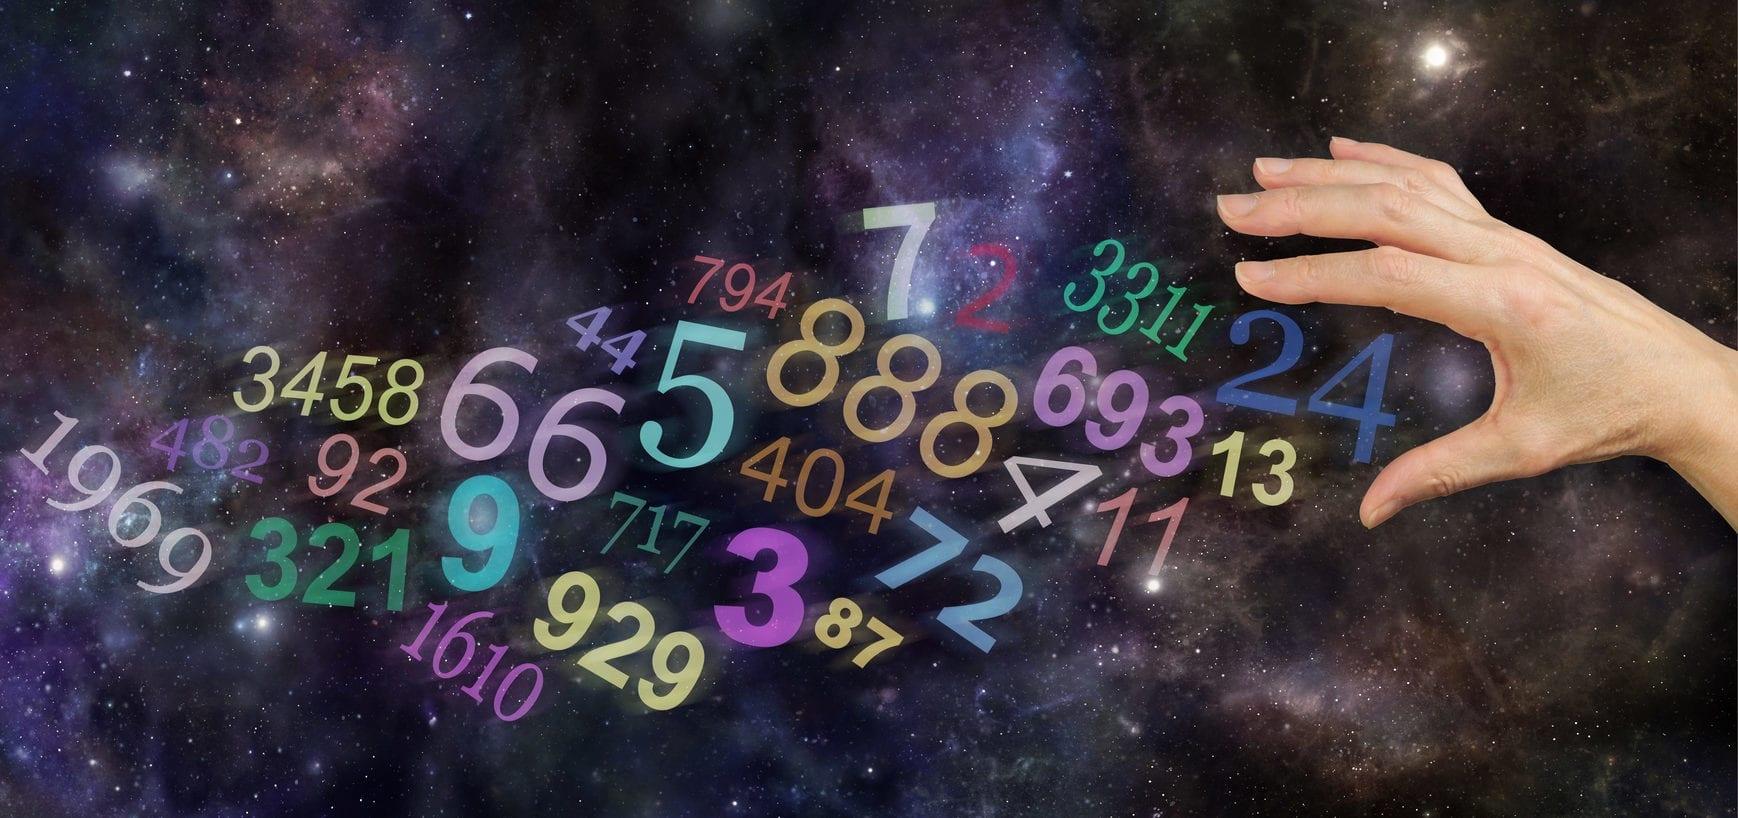 Data de nascimento - O que sua data diz sobre sua personalidade?